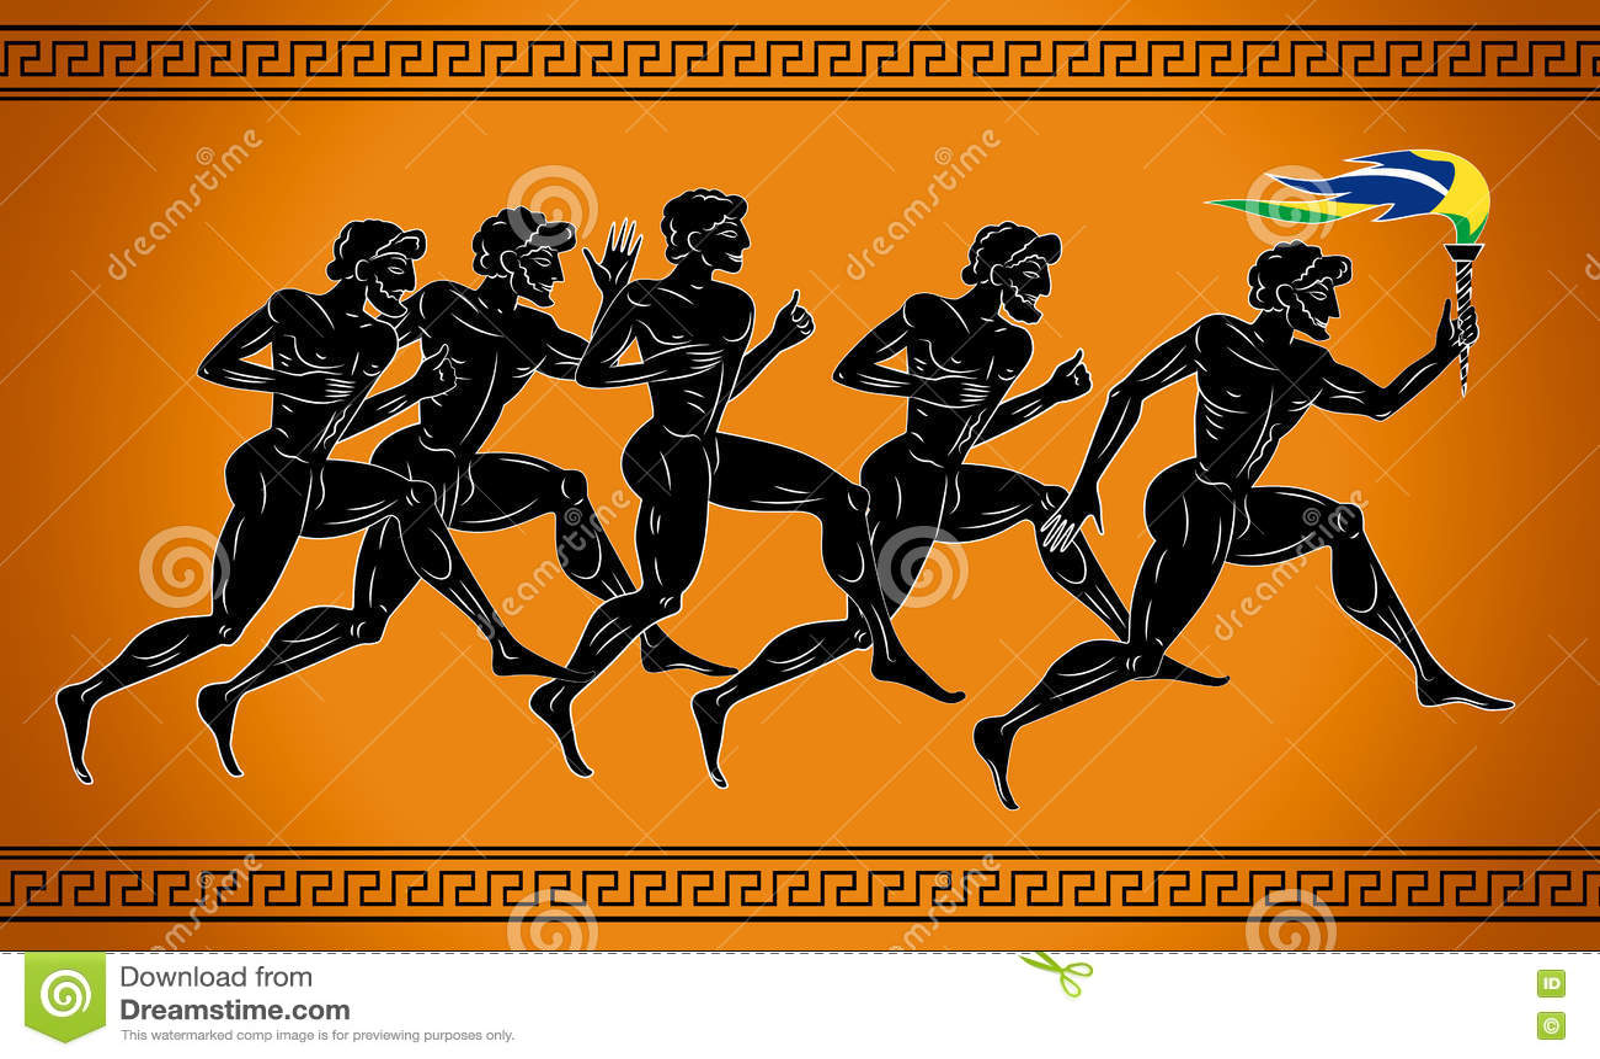 Svart-figurerade löpare med facklan i färgerna av den brasilianska flaggan Illustration i gammalgrekiskastilen